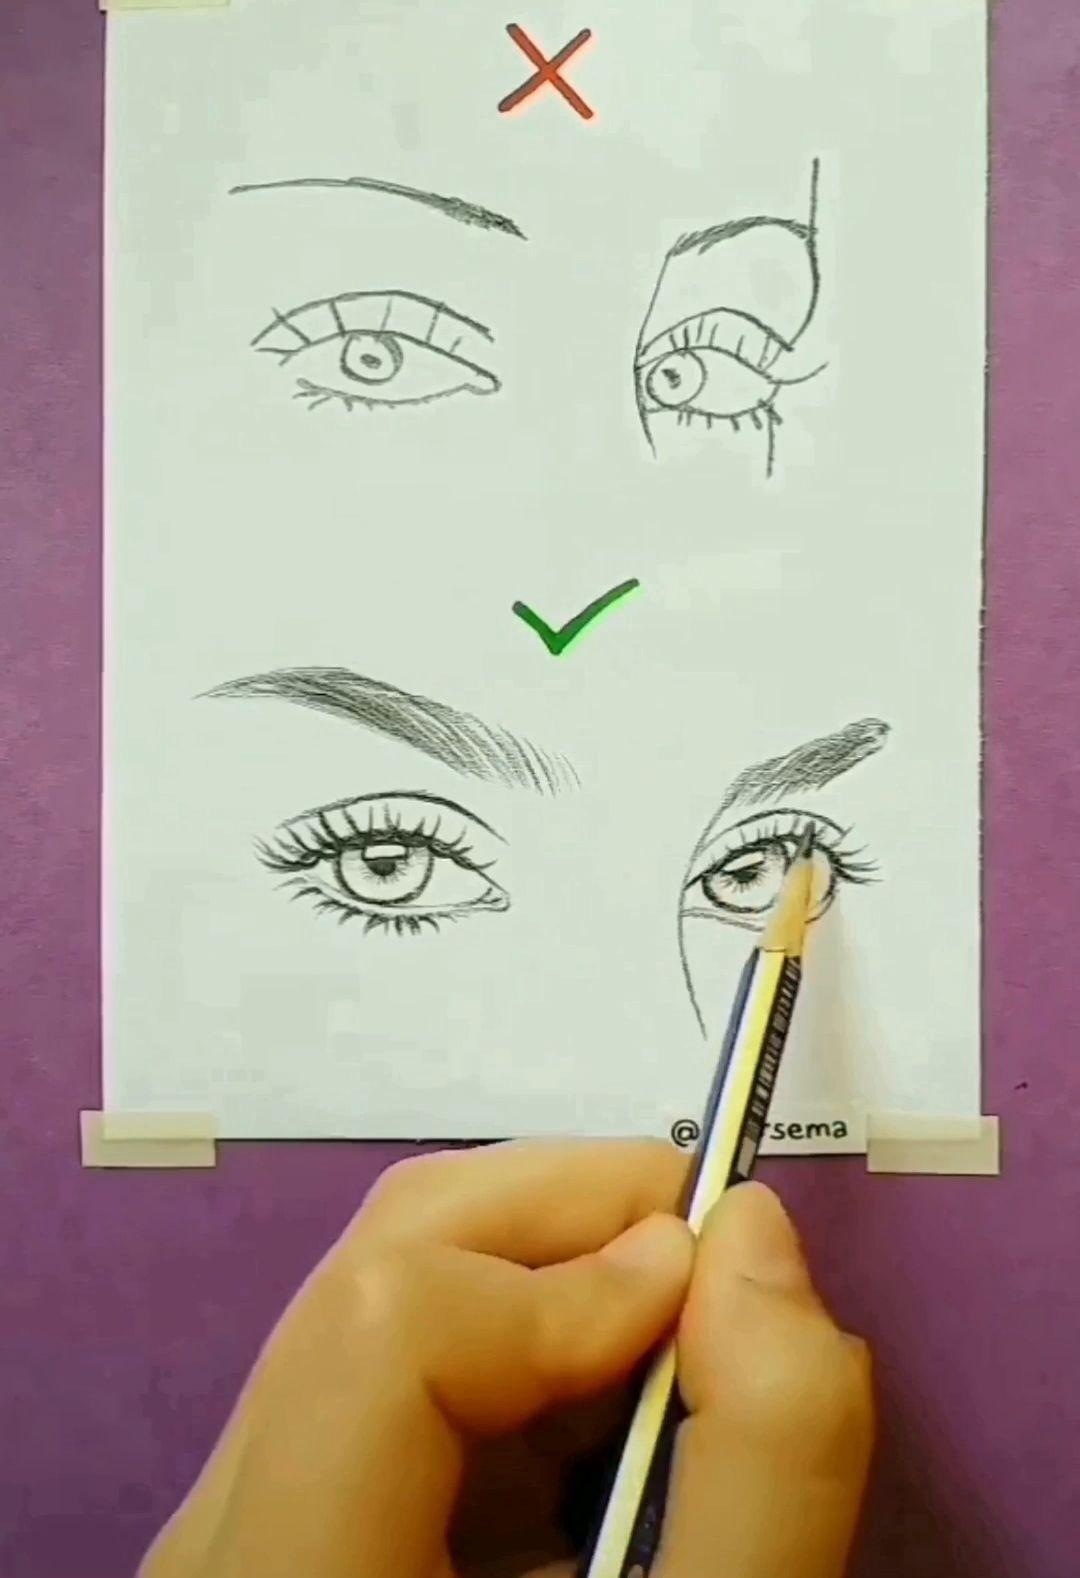 Bleistiftzeichnung Schritt für Schritt Eye Draws (realistisch und farbenfroh) - Alaskacrochet.com #artanddrawing